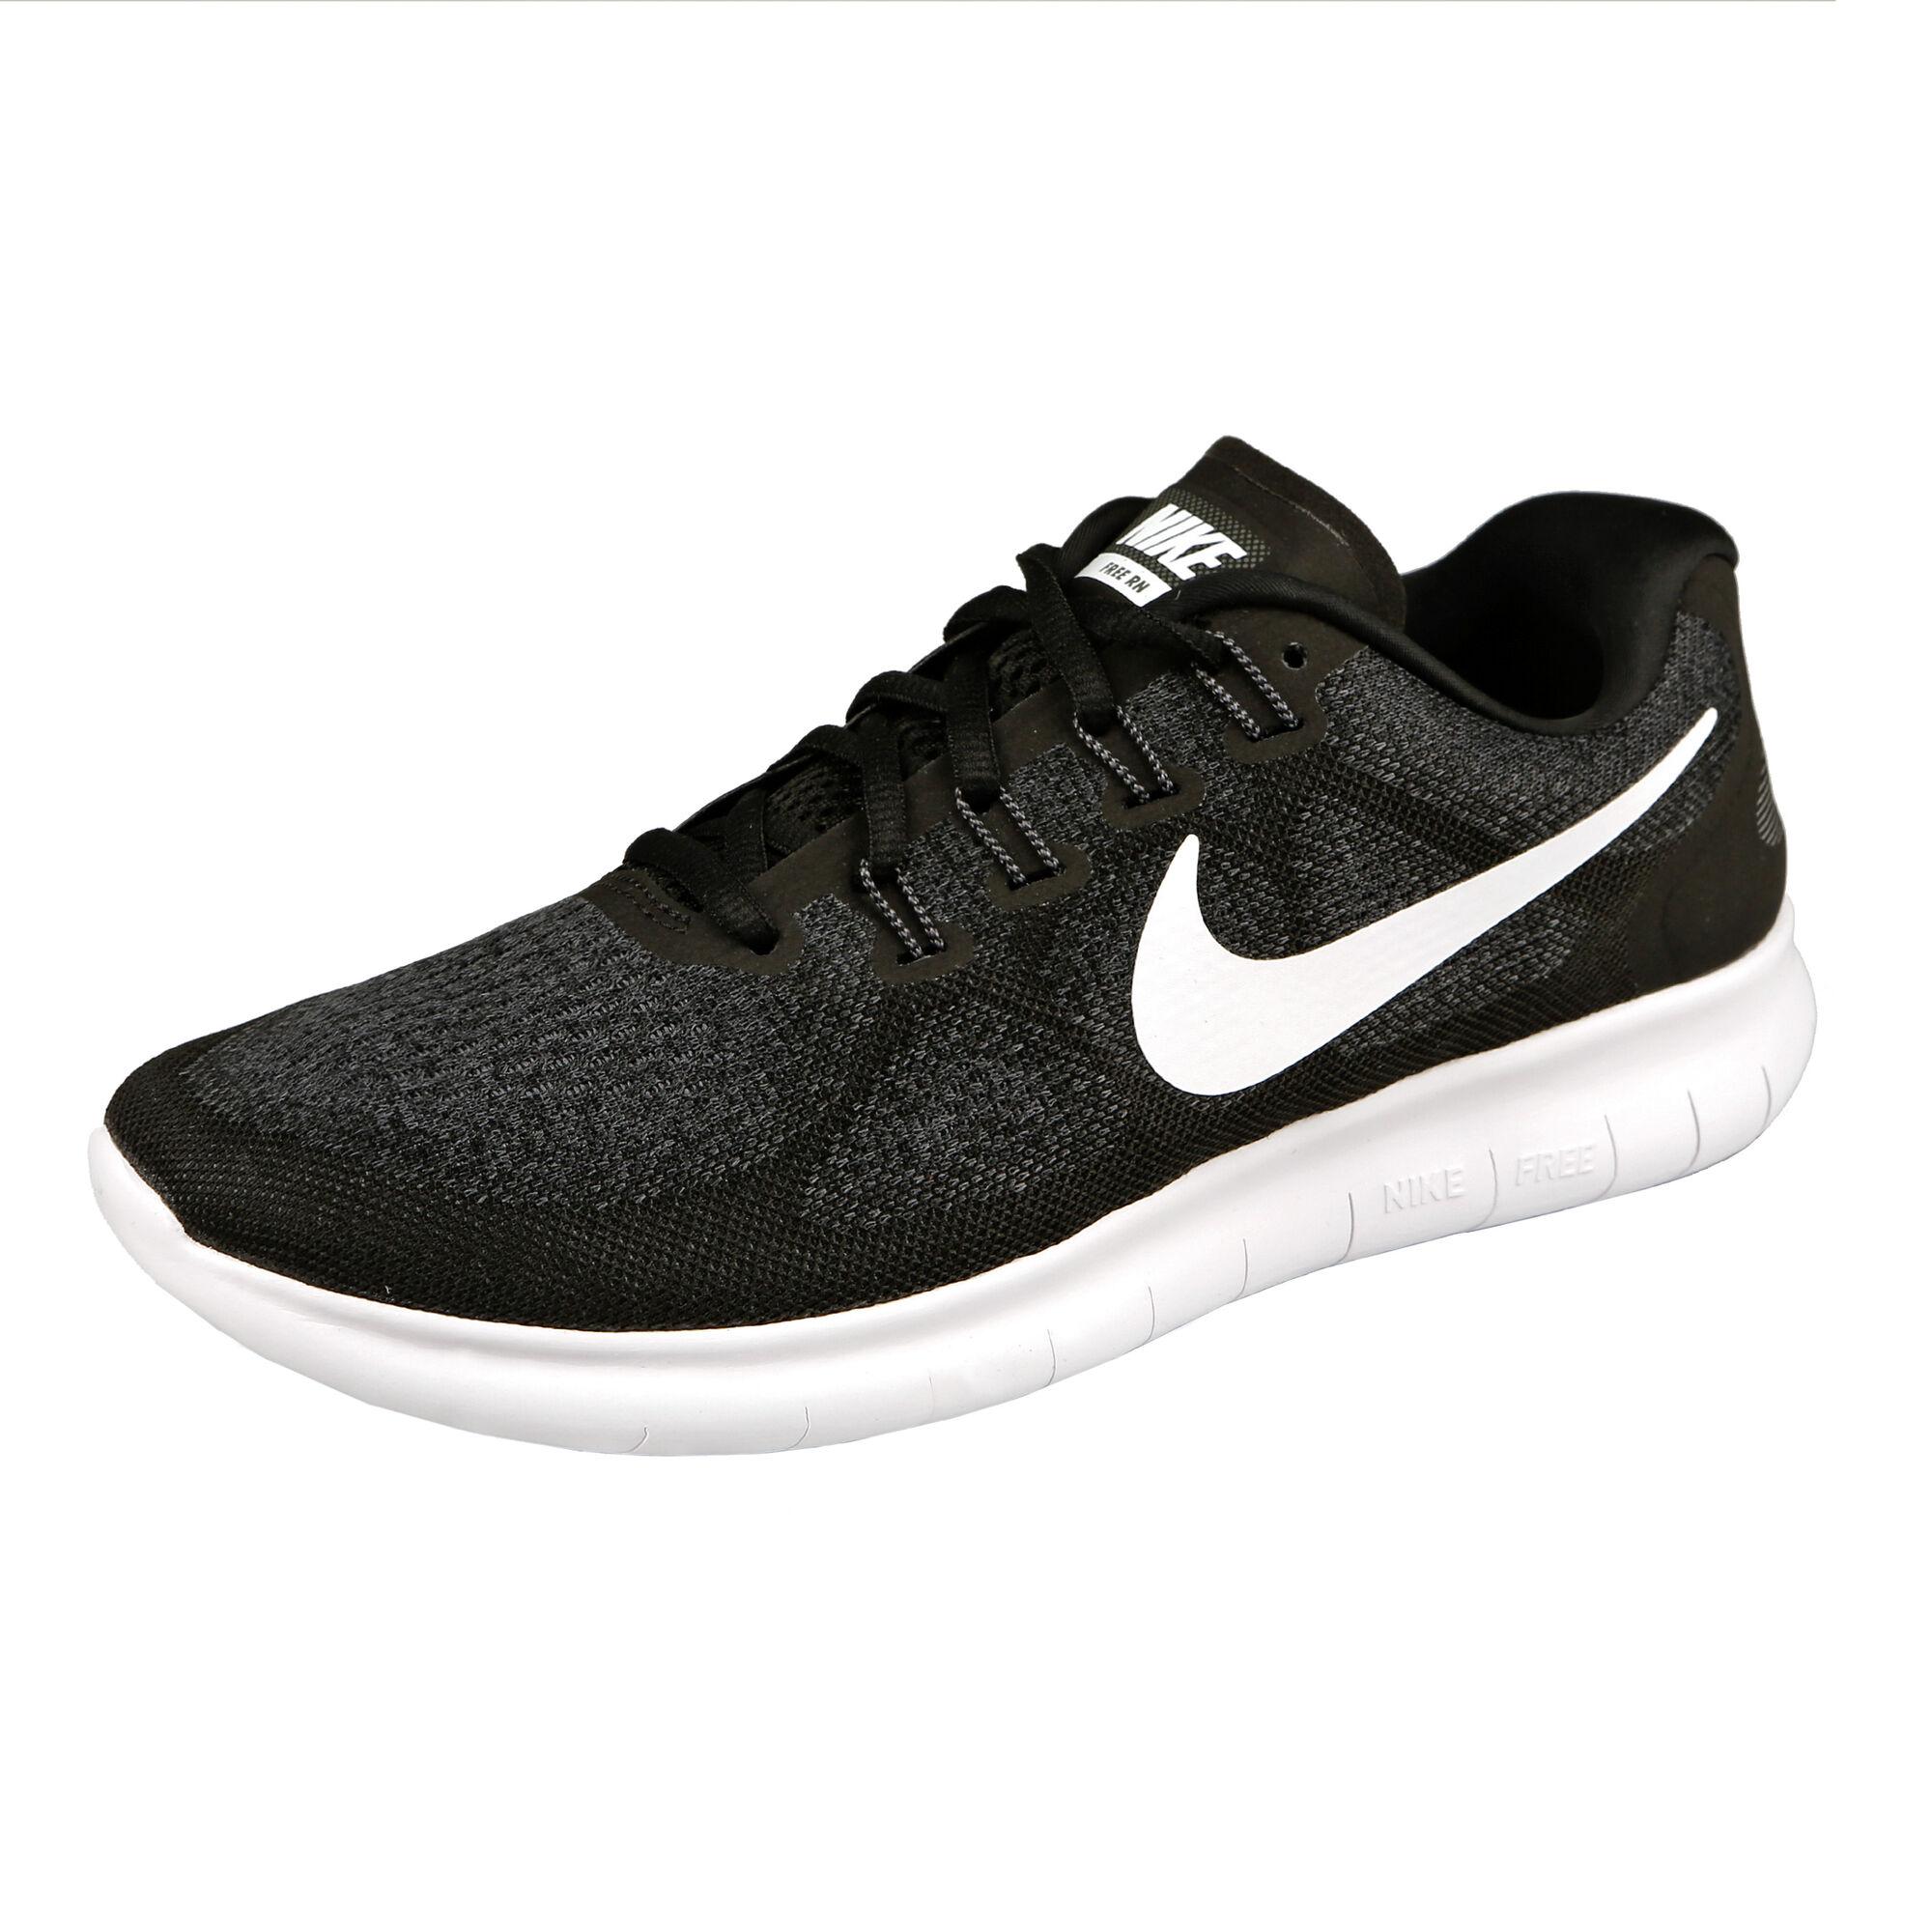 042c7ca62b7f Nike  Nike  Nike  Nike  Nike. Free Run 2017 Women ...